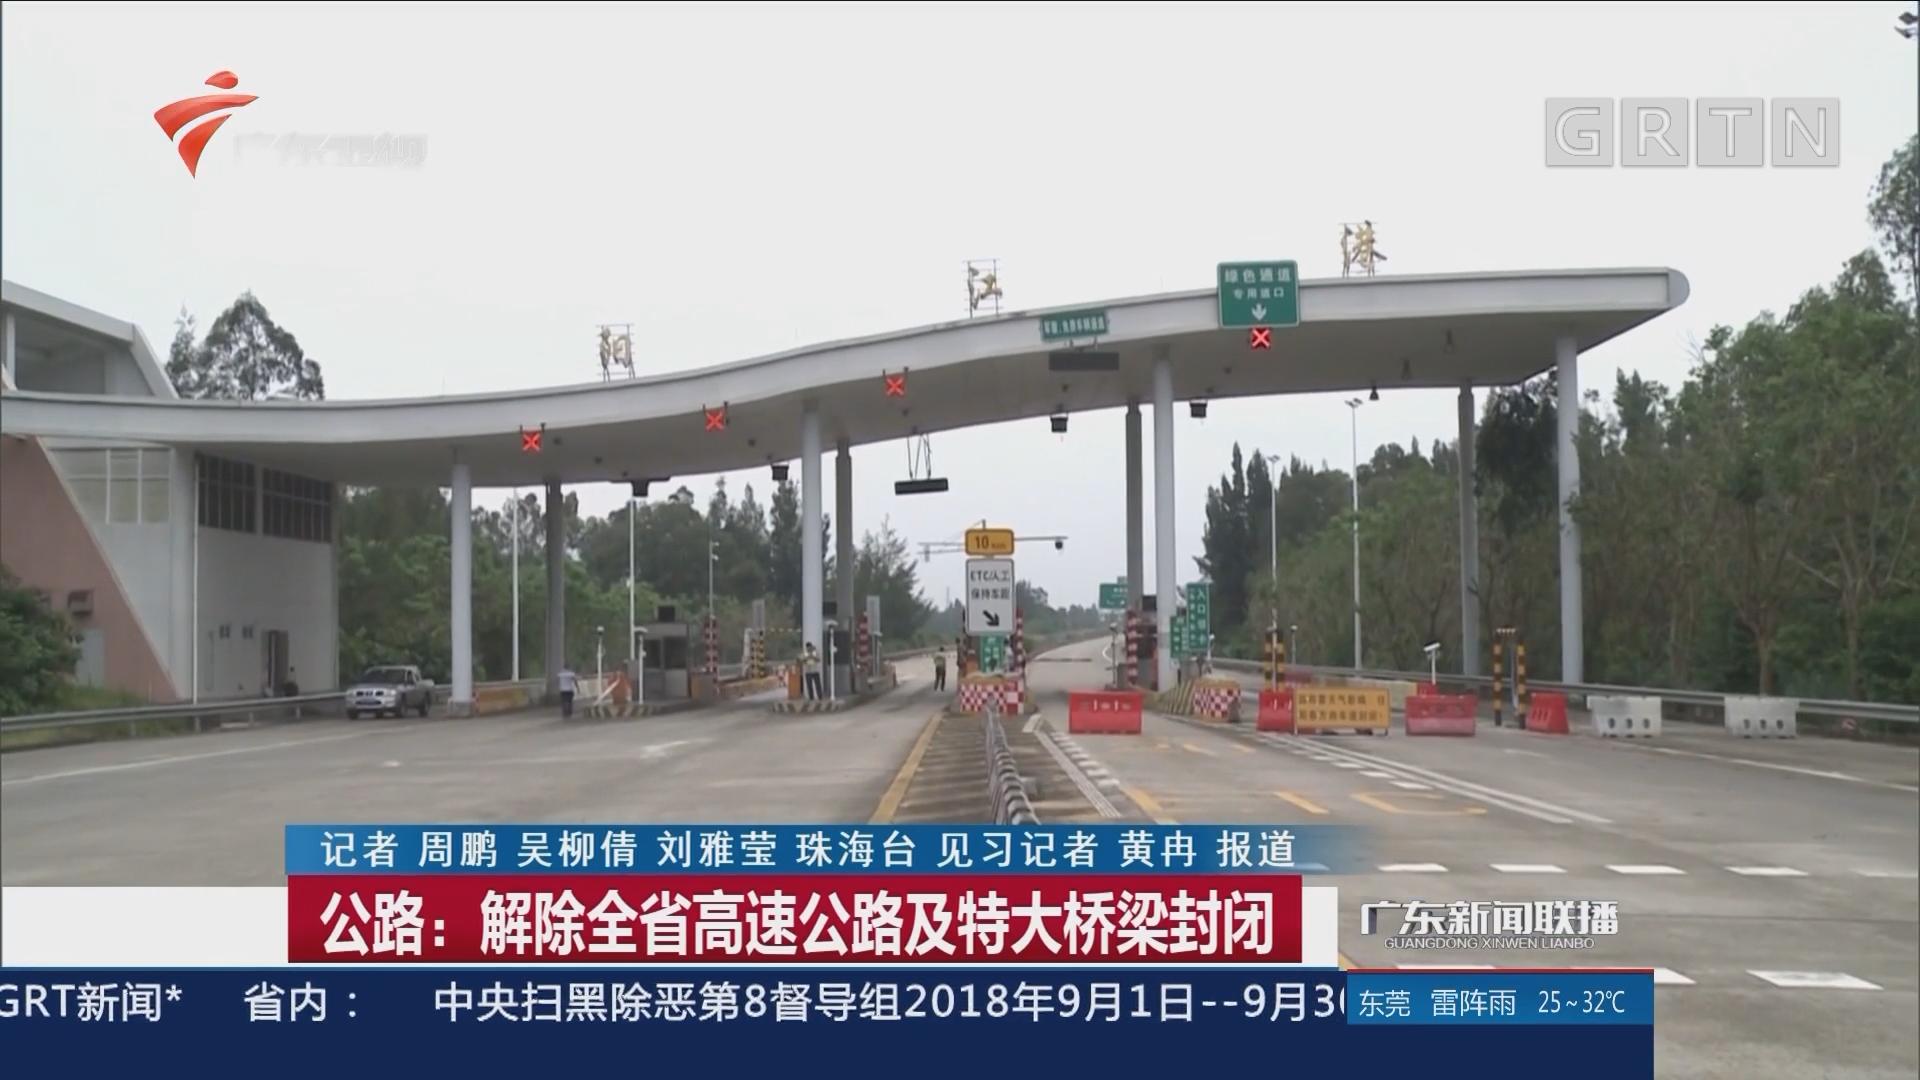 公路:解除全省高速公路及特大桥梁封闭